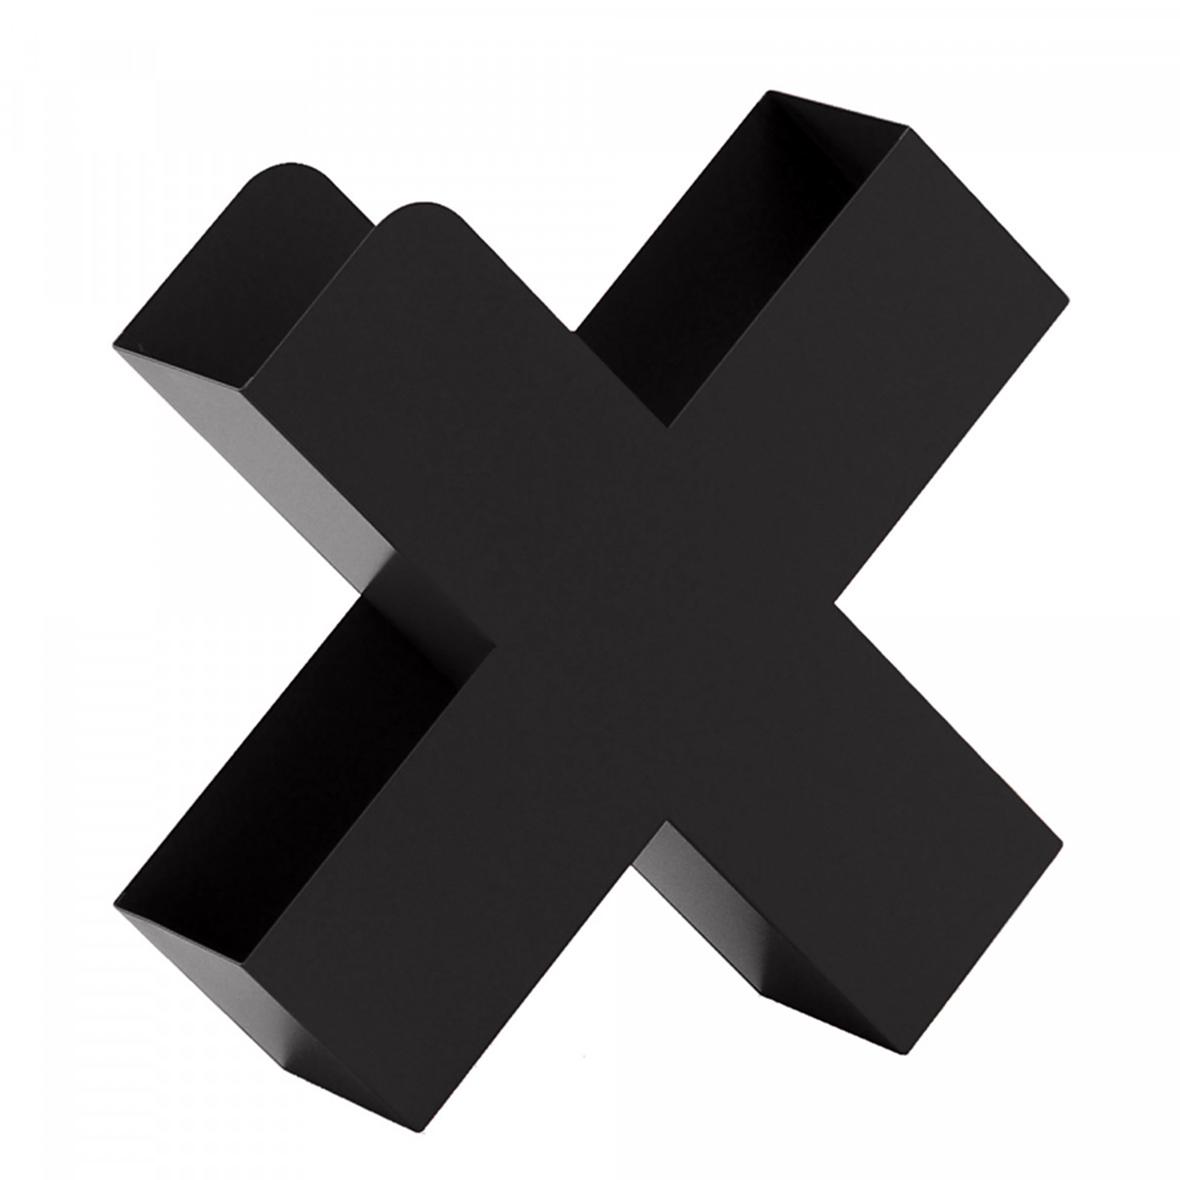 Zeitschriftenhalter Bukan schwarz von Mox